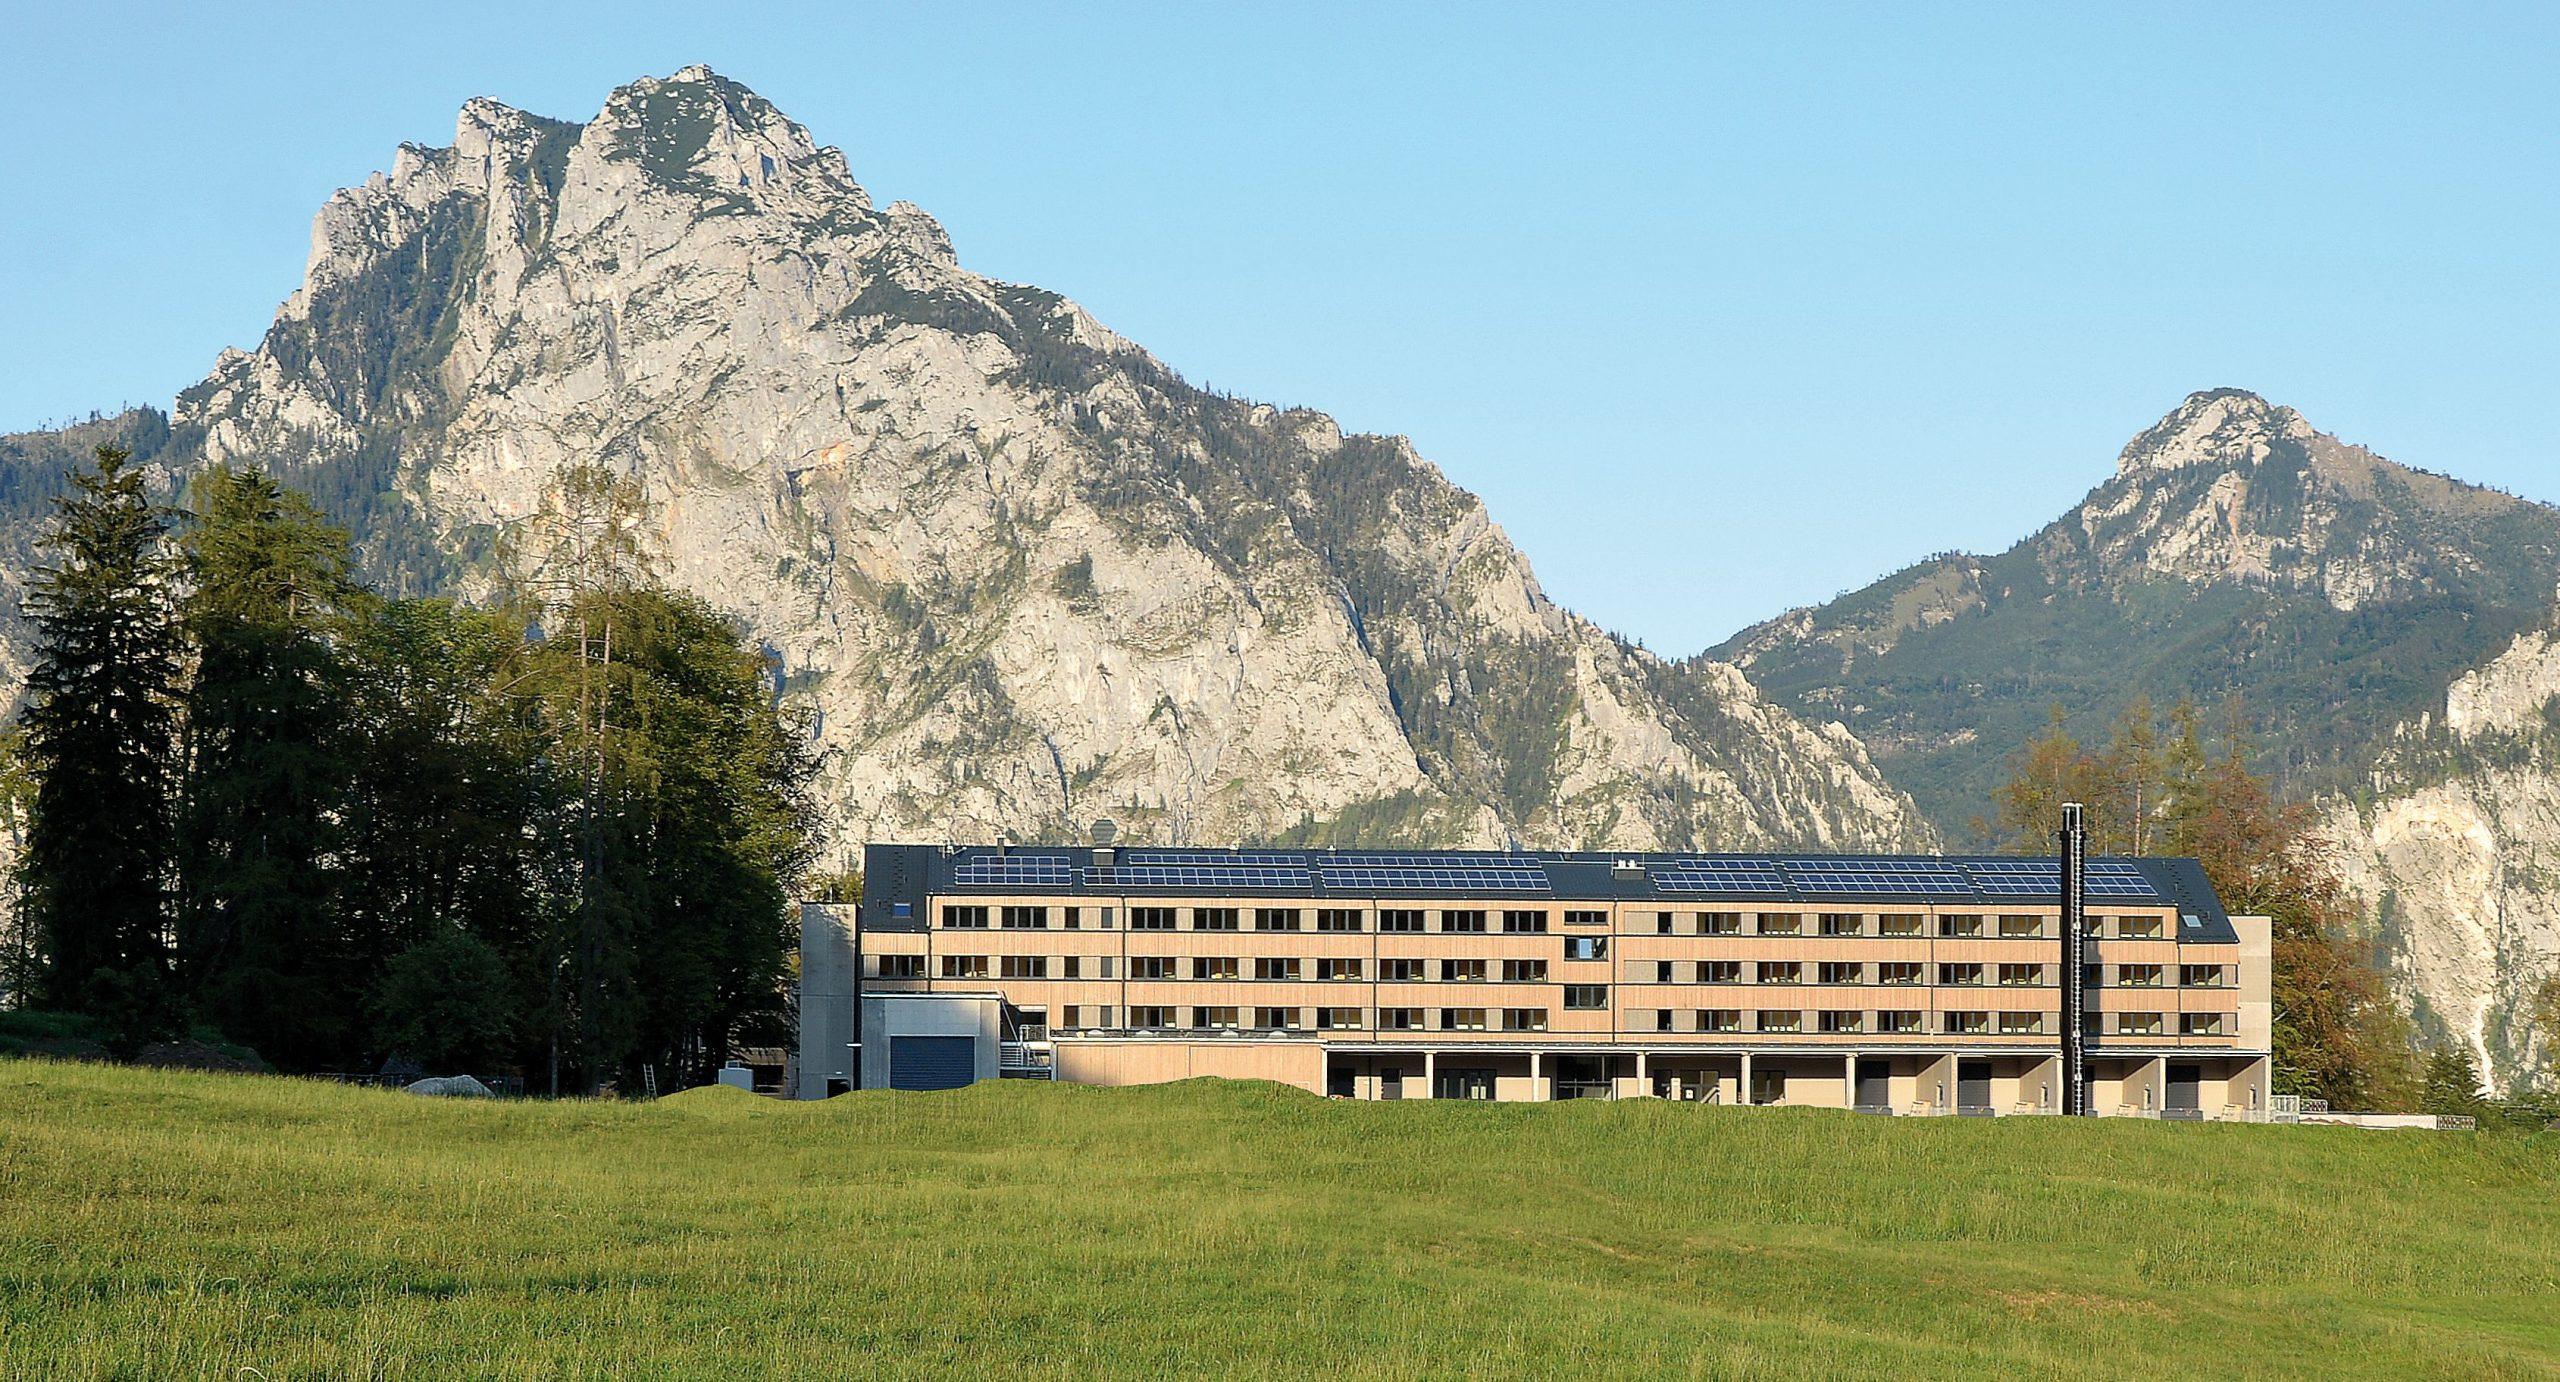 Der Waldcampus Österreich, im Hintergrund der Berg Traunstein